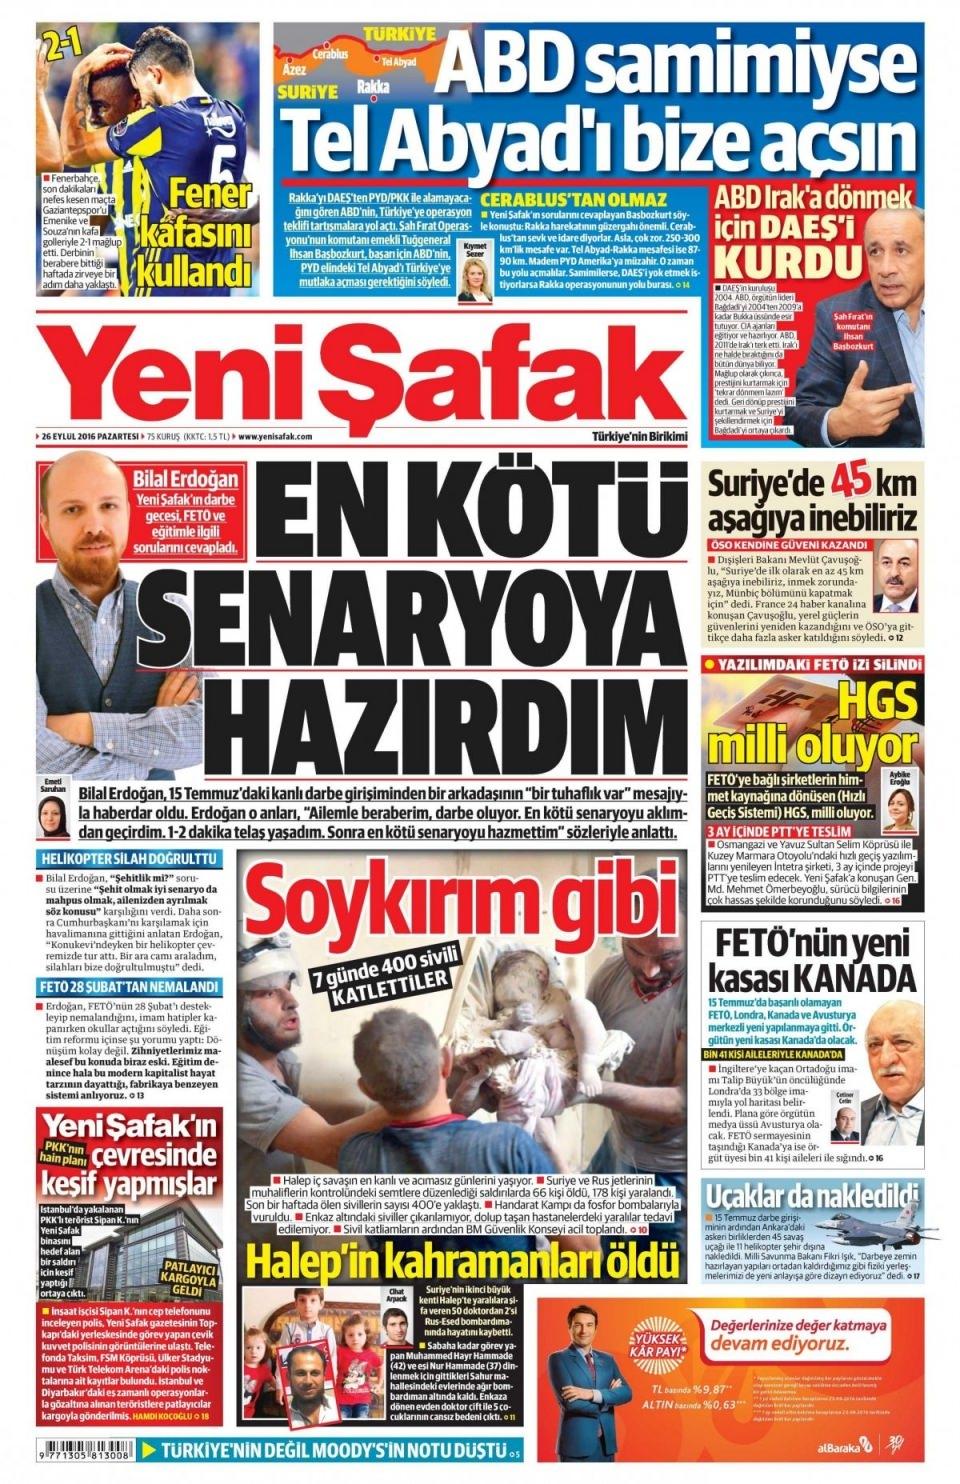 26 Eylül Pazartesi gazete manşetleri 2